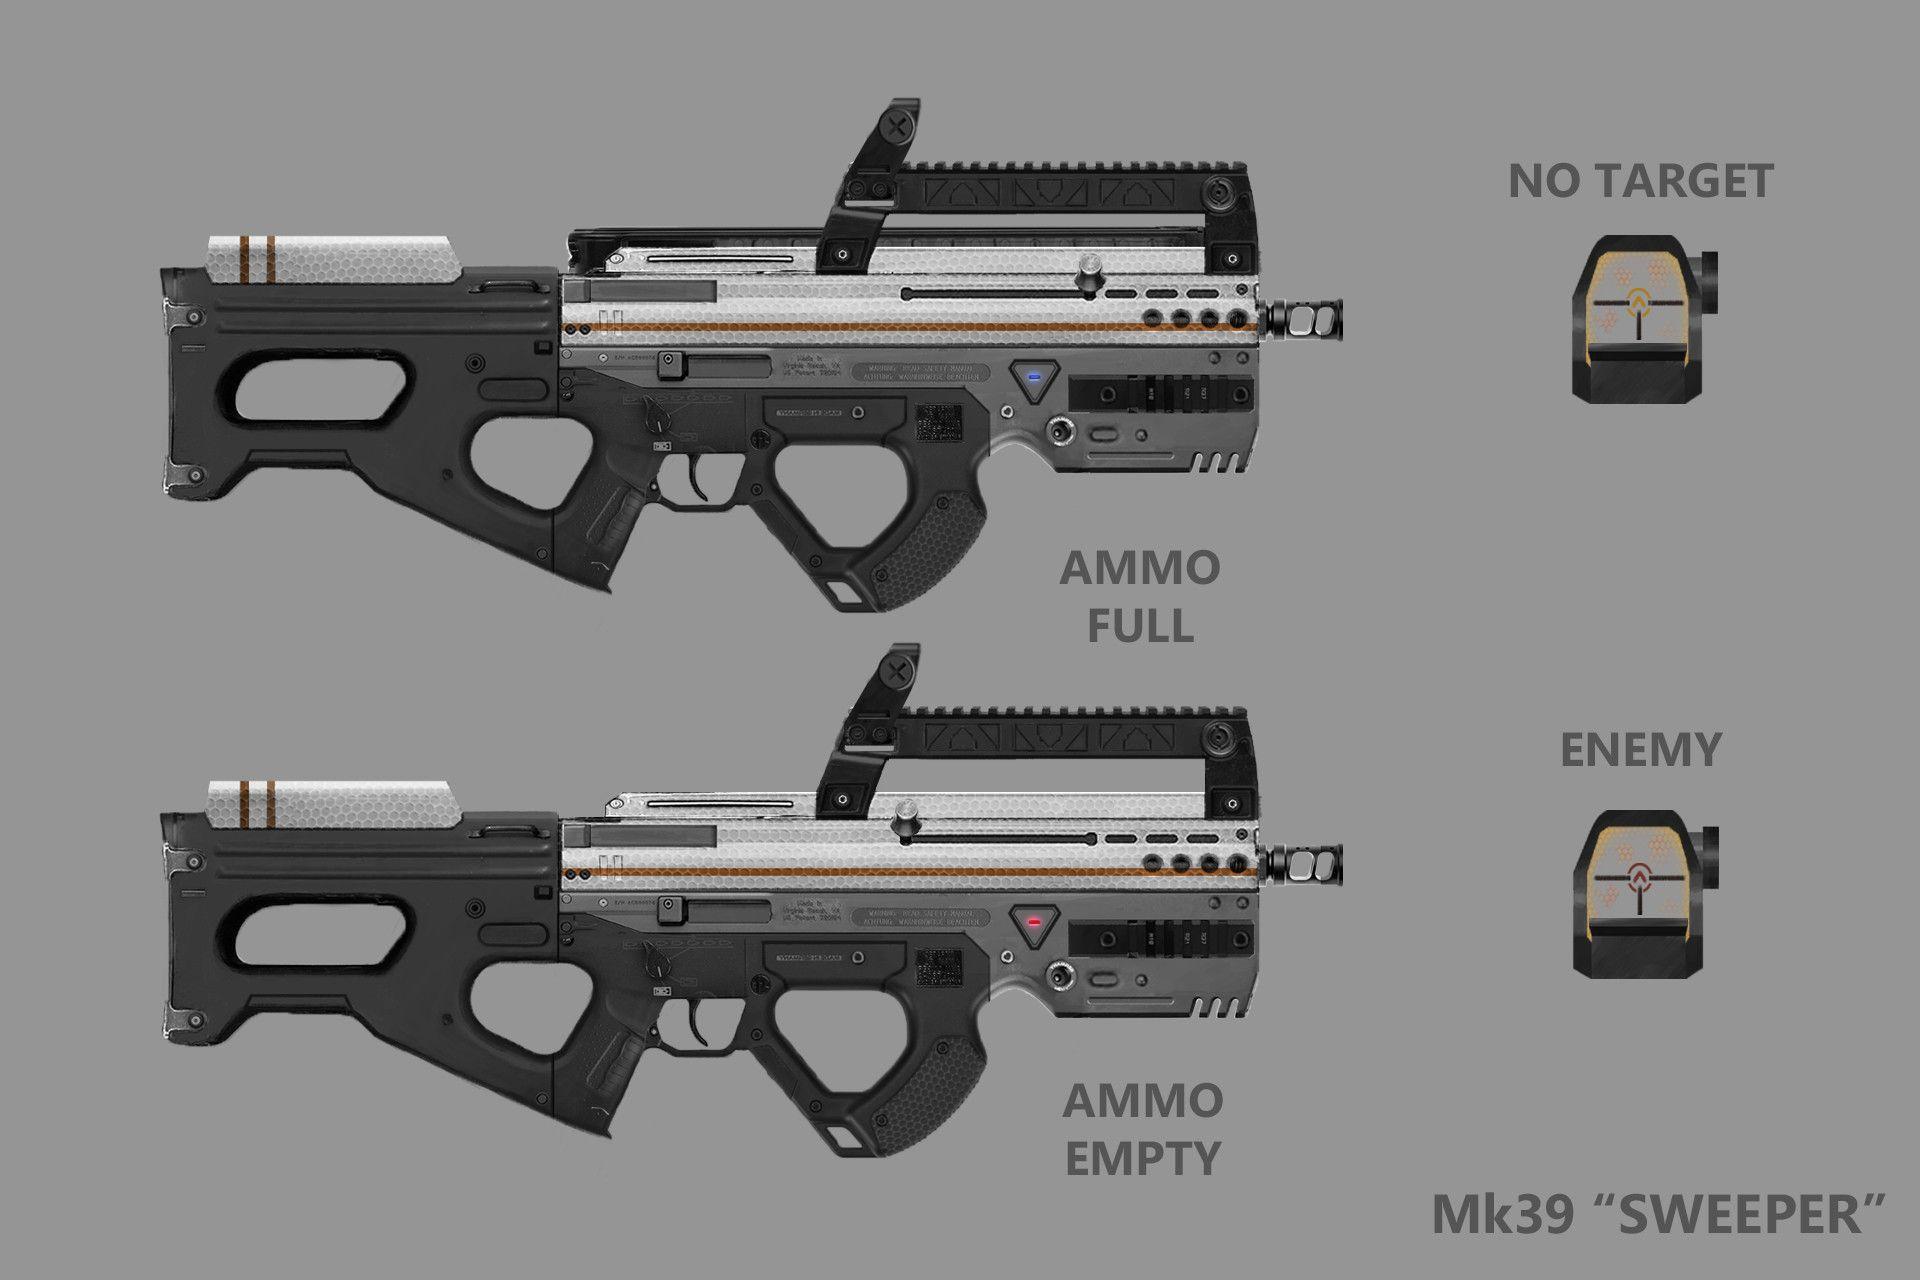 30+ Flechette pistol information